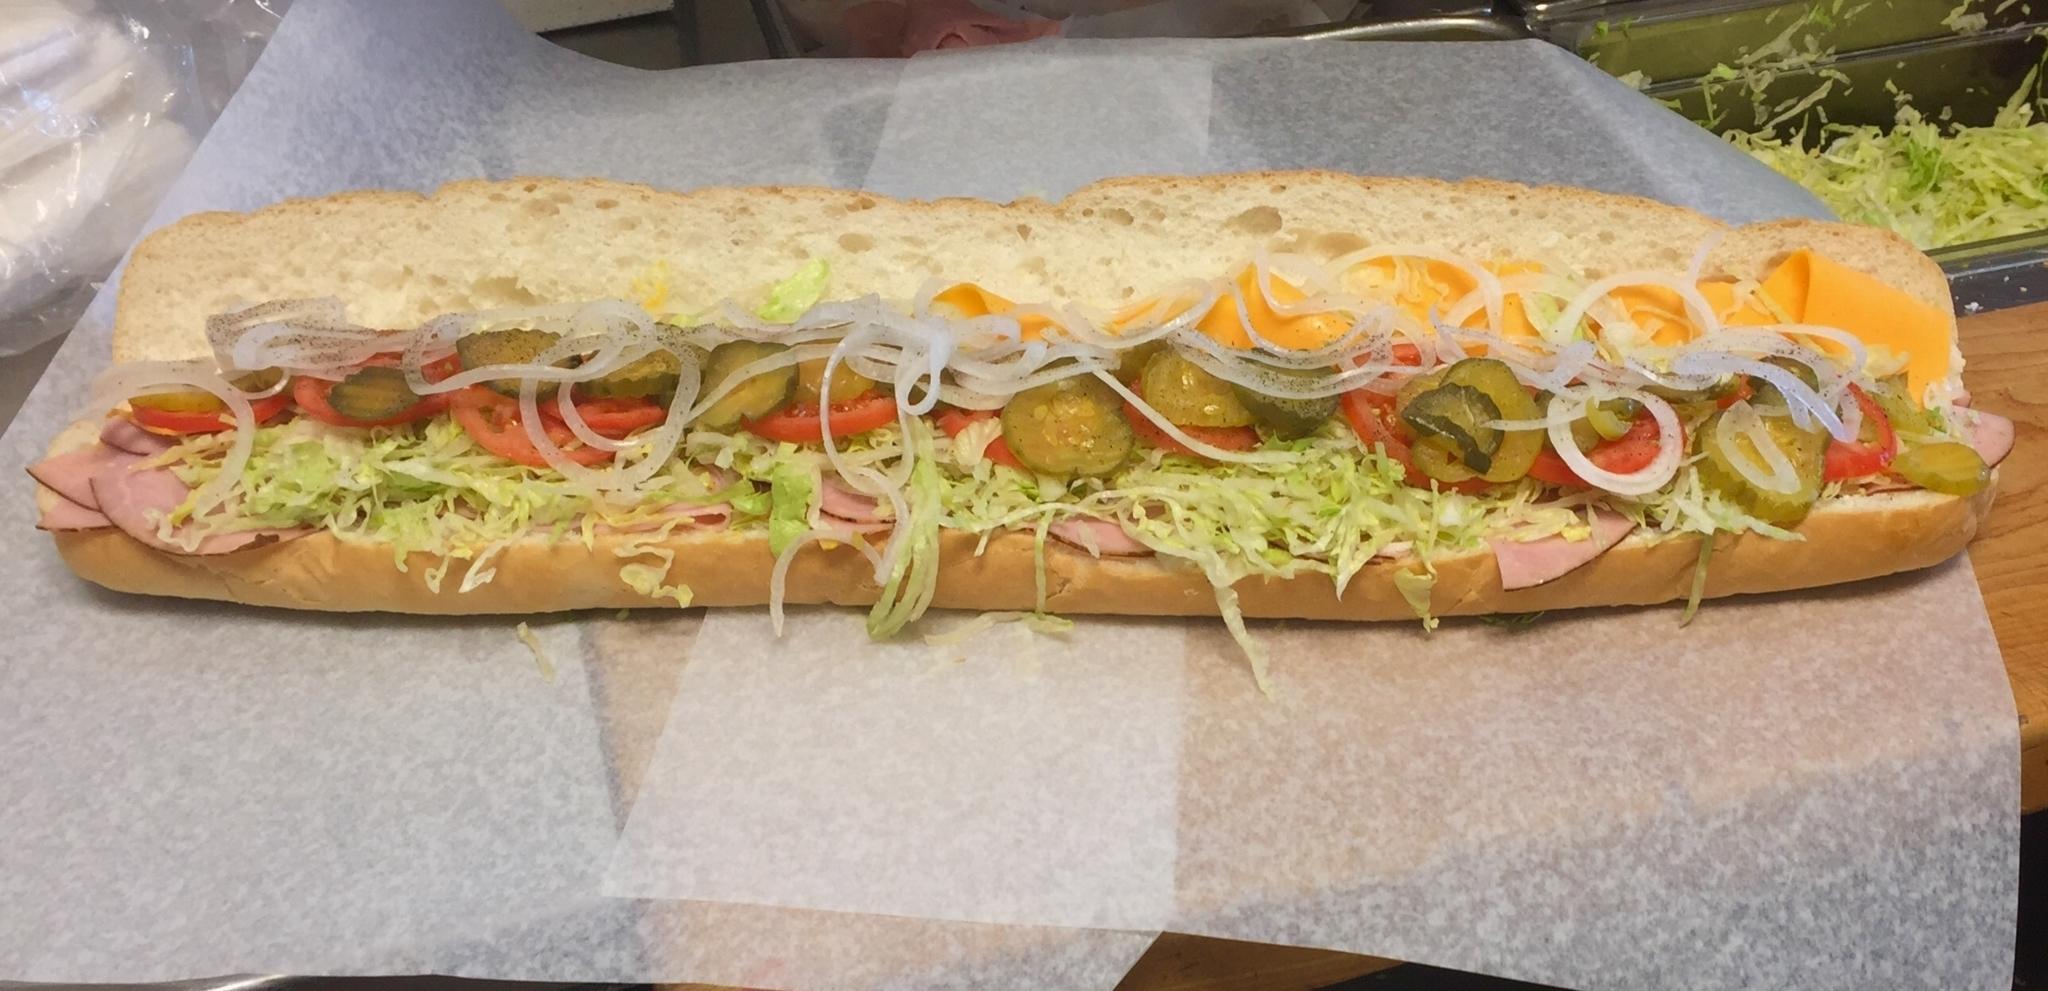 Kaiser's Sub & Sandwich Shoppes in Lower Sackville